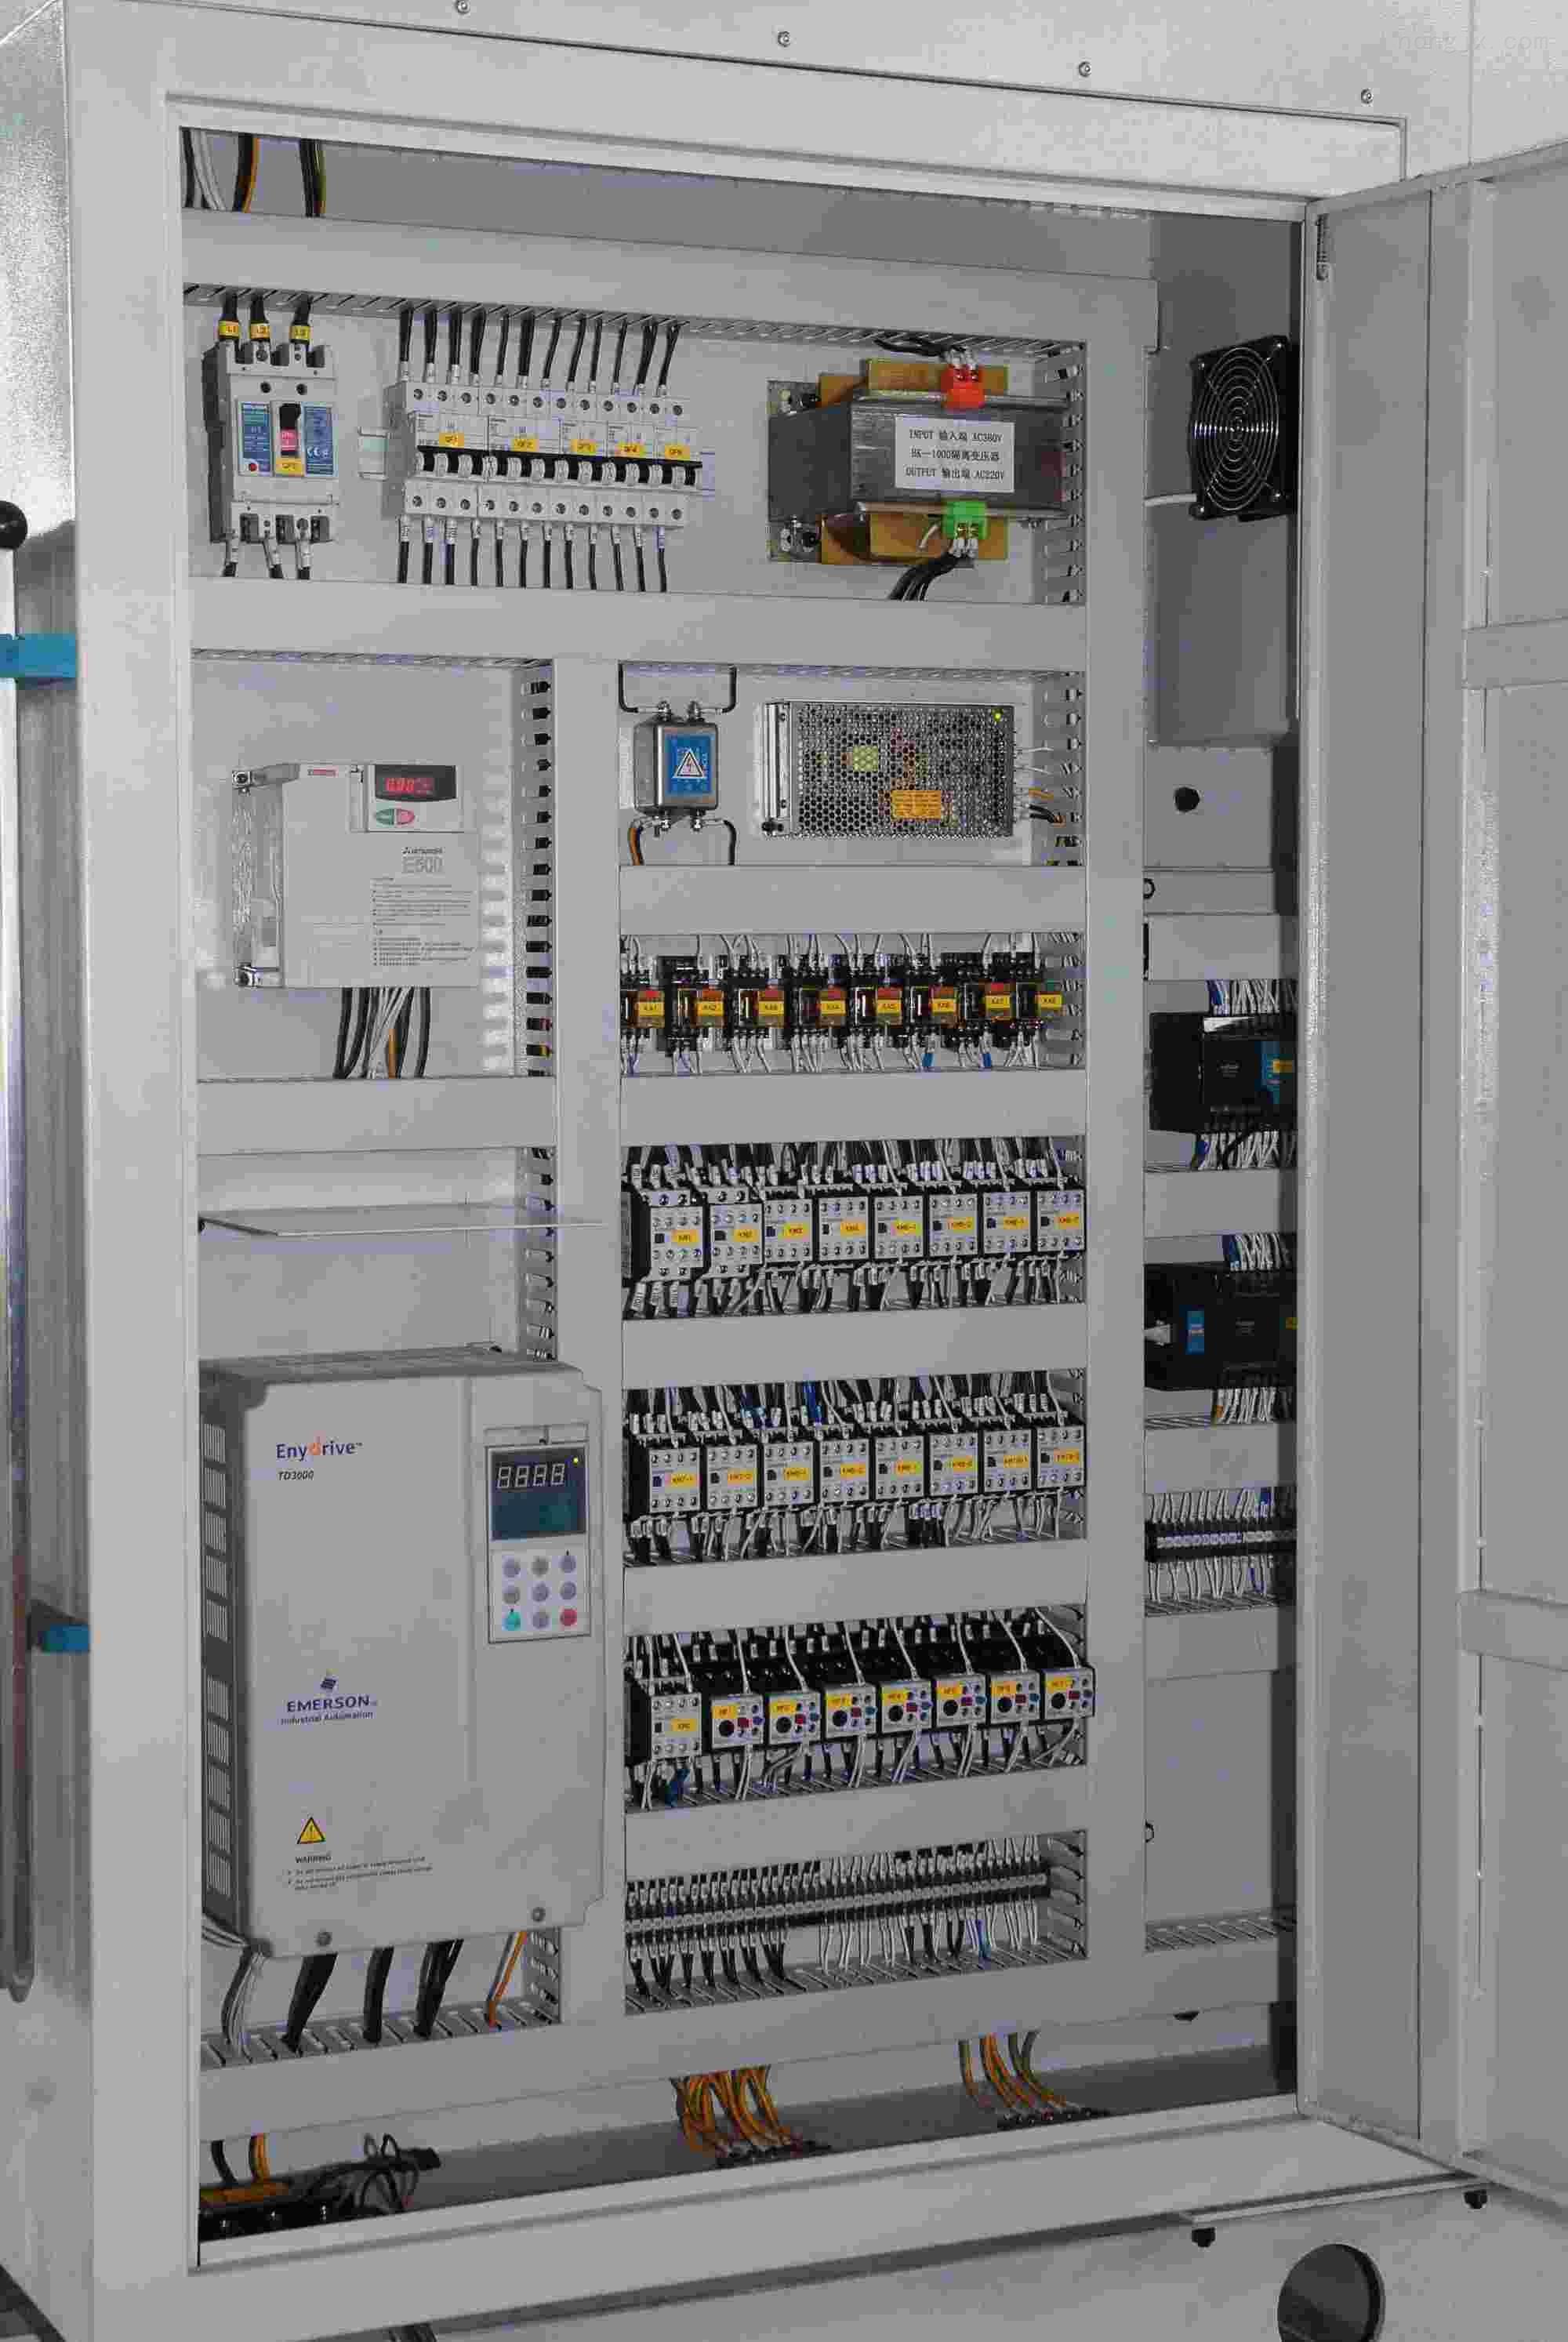 镇江水泵电气控制柜维修